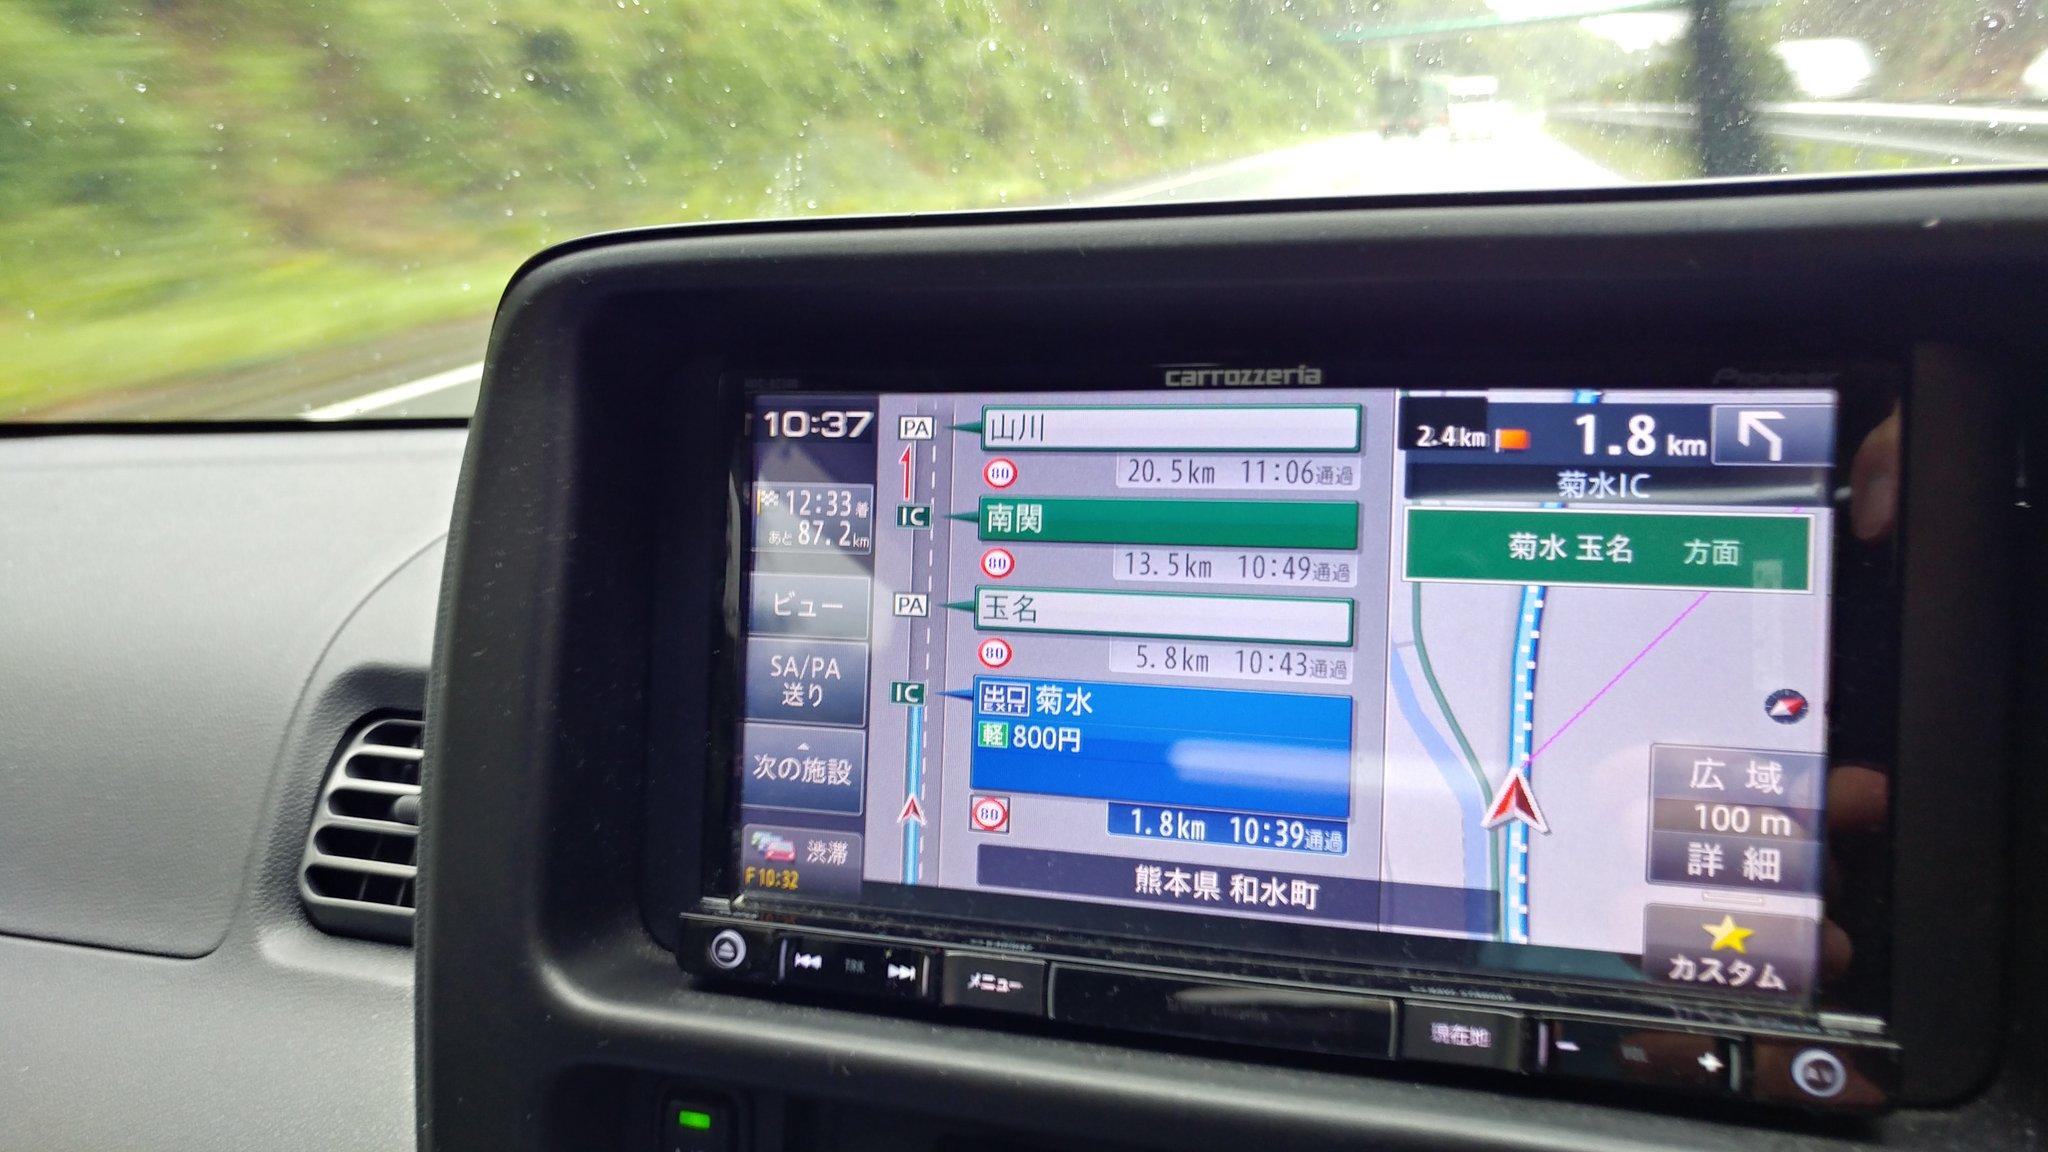 画像,みやま柳川付近で事故通行止めみたいなのでナビに従って菊水で降りる https://t.co/2dgySpz5go。